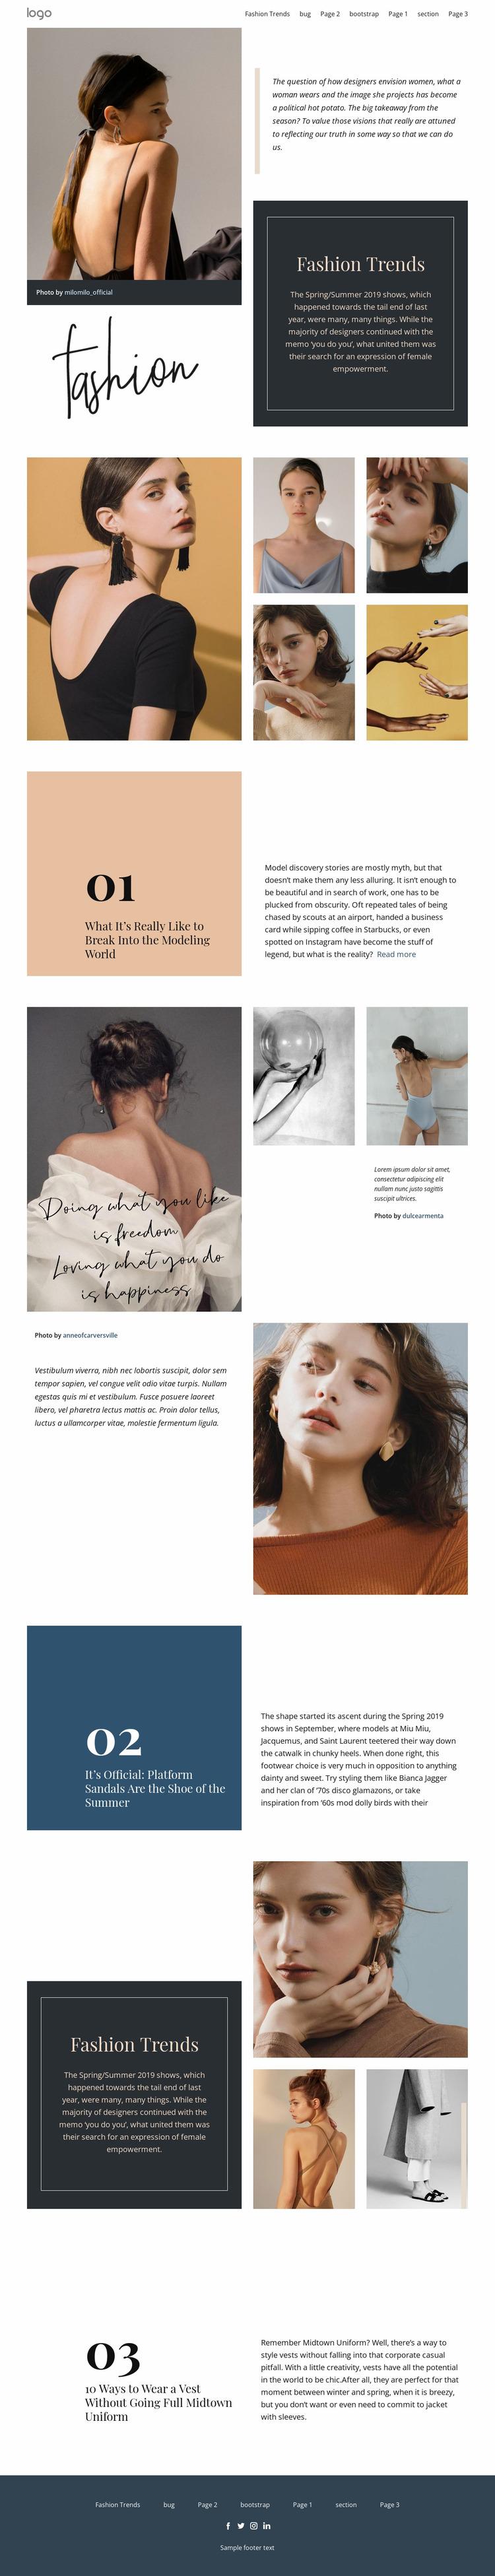 Designer vision of fashion Website Mockup